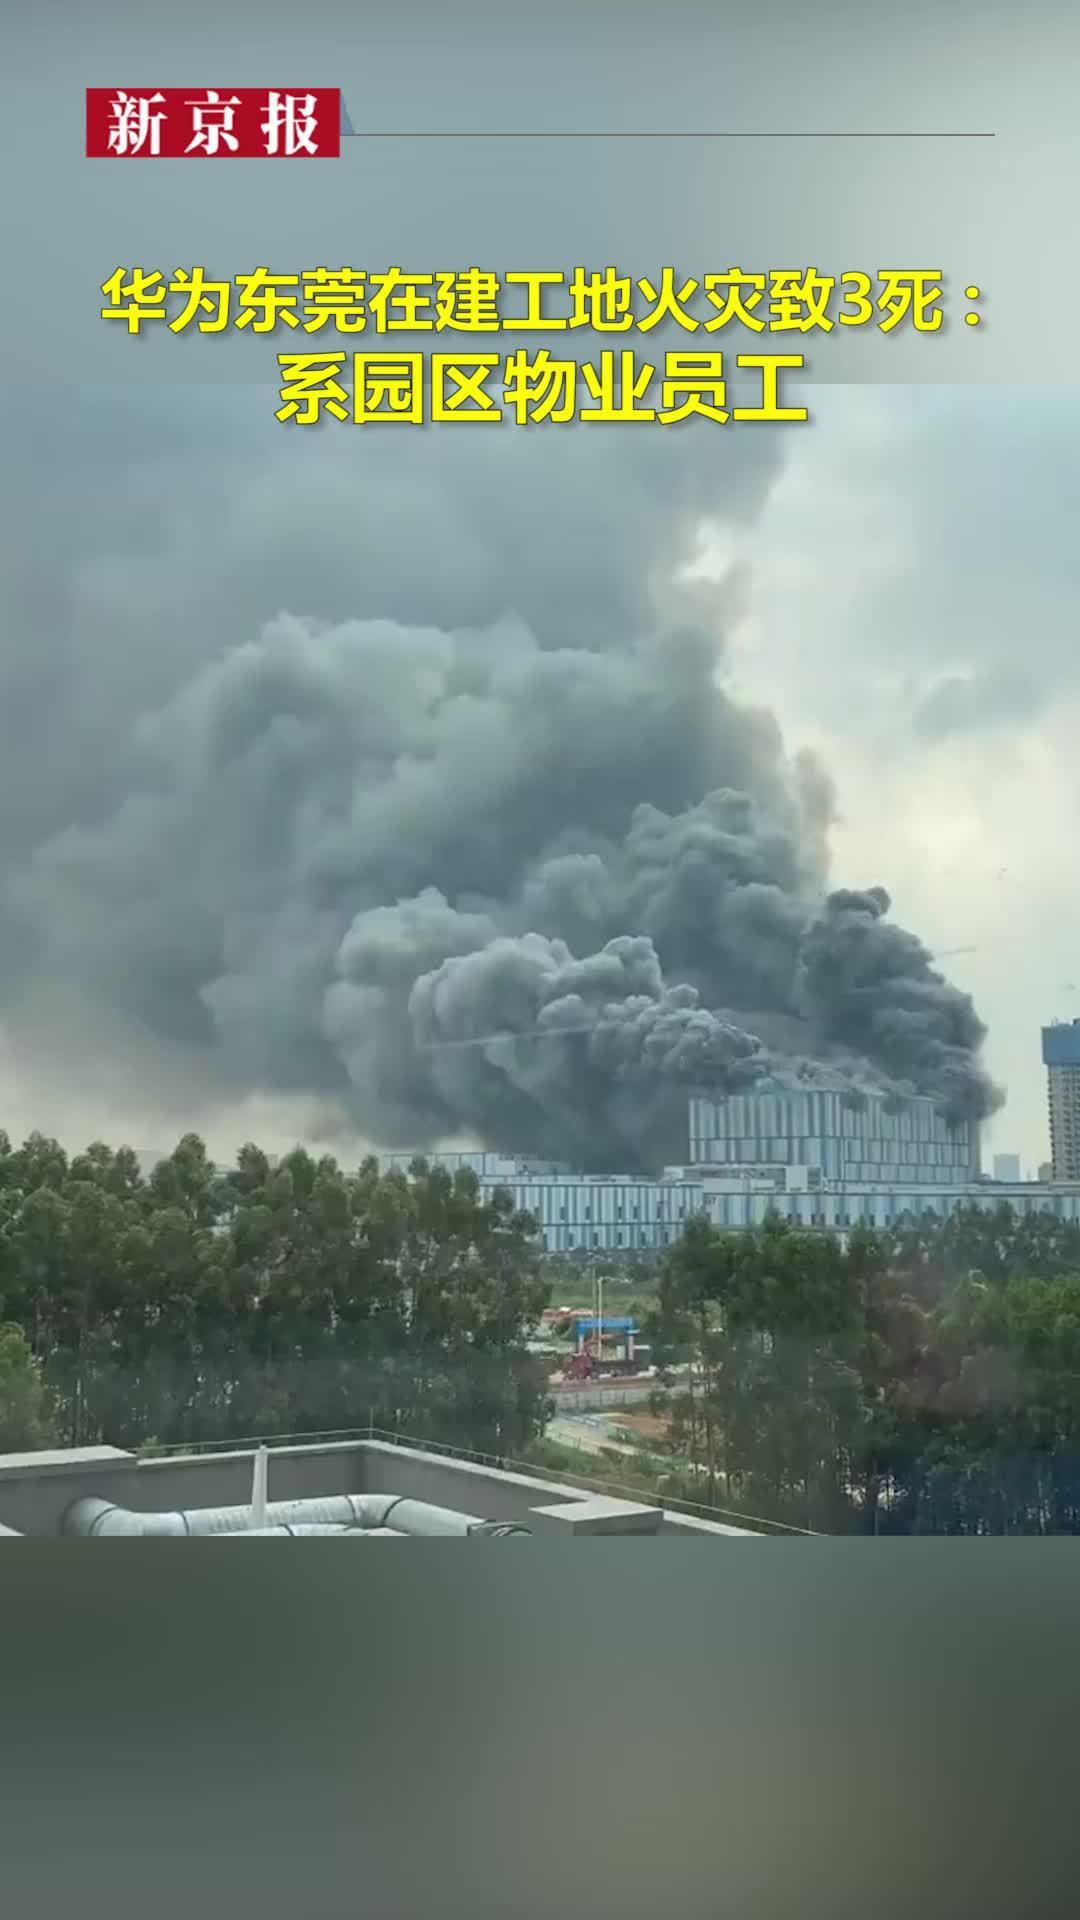 东莞华为在建工地起火3人死亡 :系园区物业员工